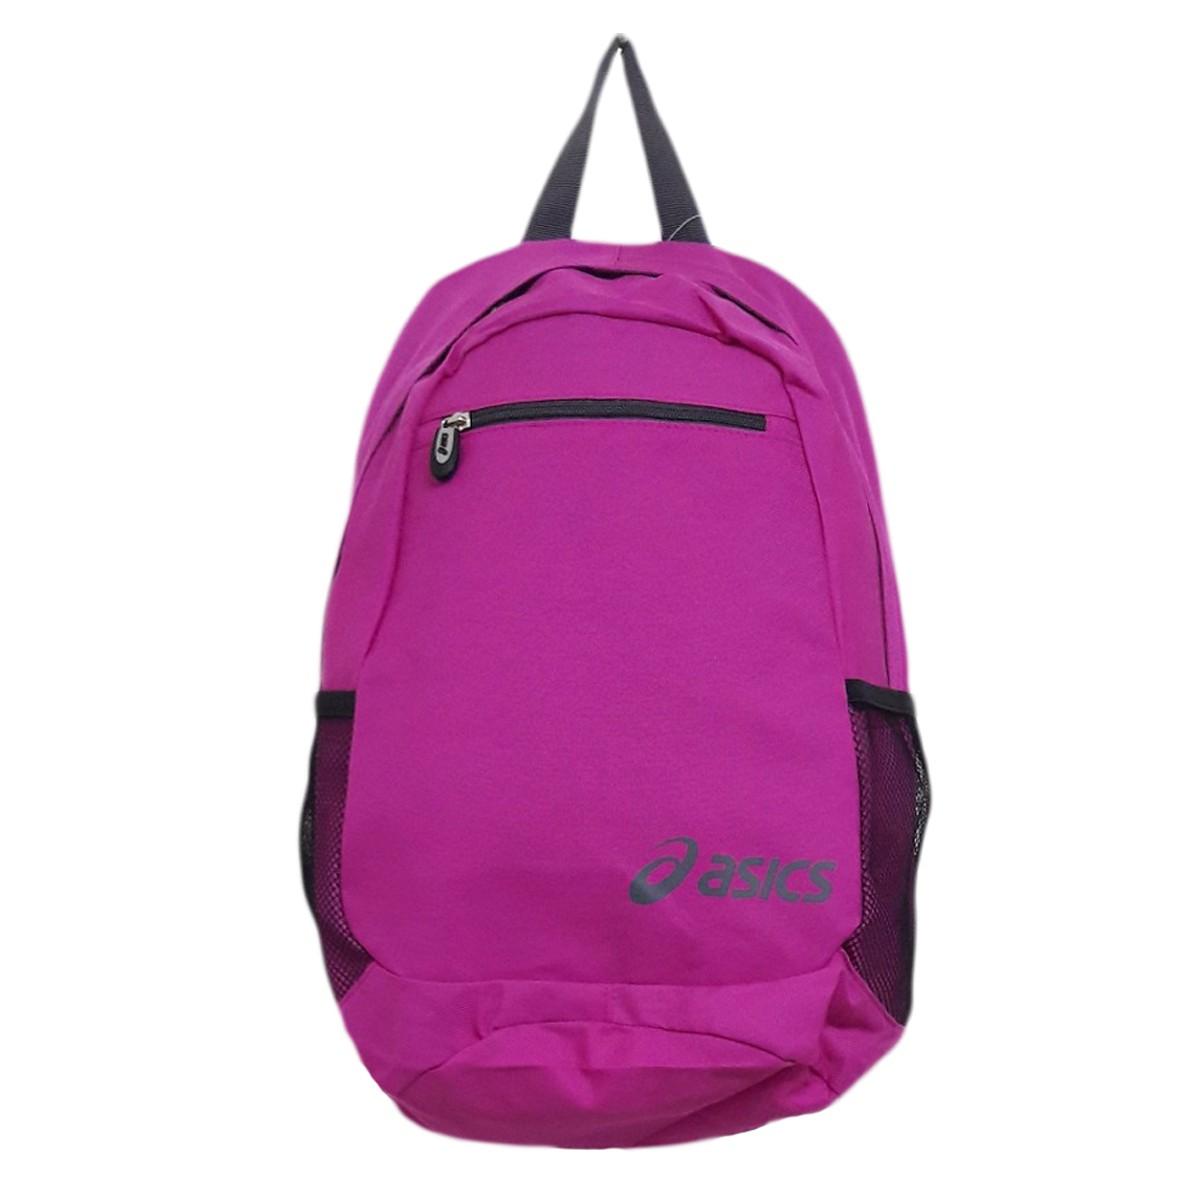 3a22559c7 Mochila Asics Daily Backpack